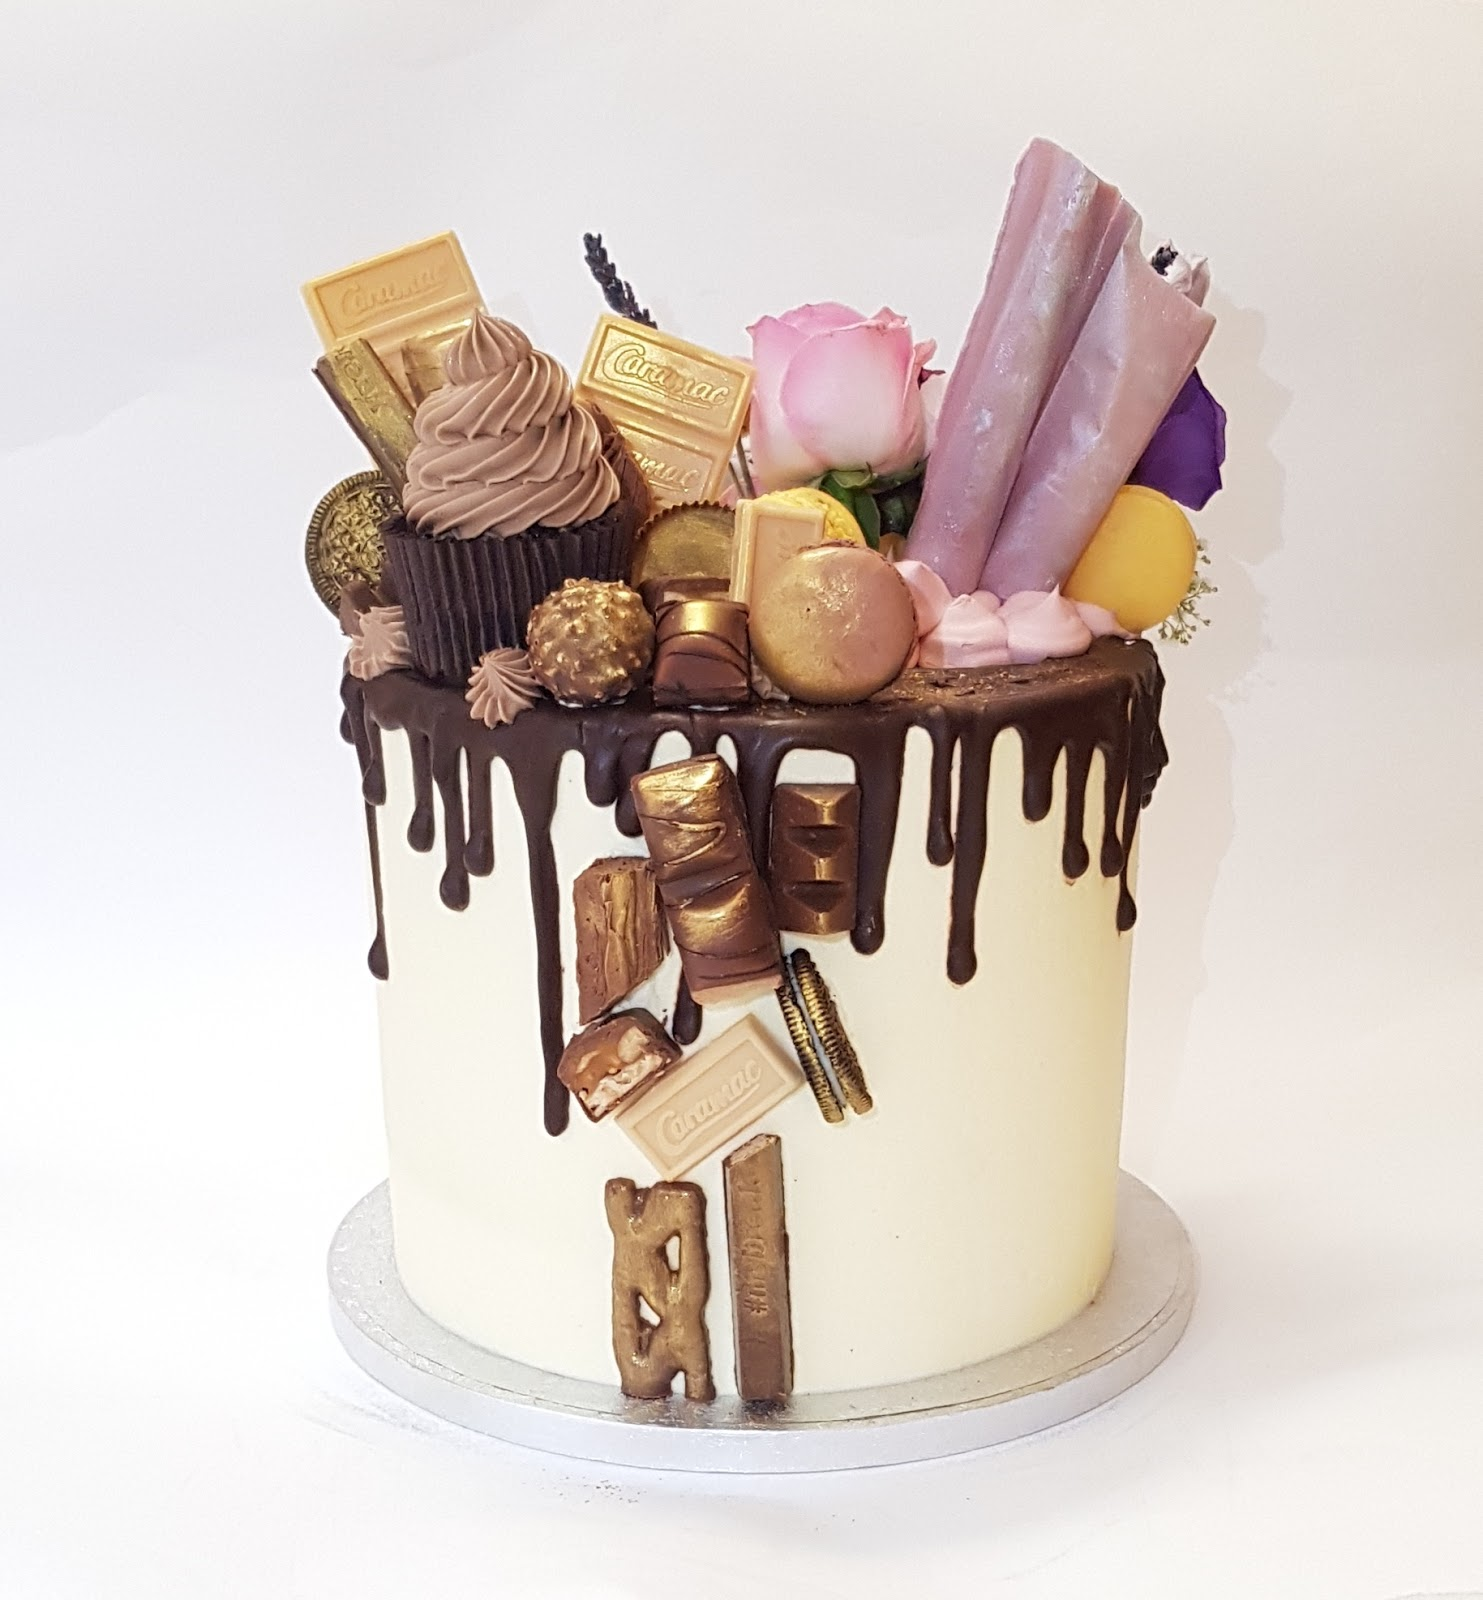 New York Cake Co 21st Birthday Cake Bandteesleatherandlace